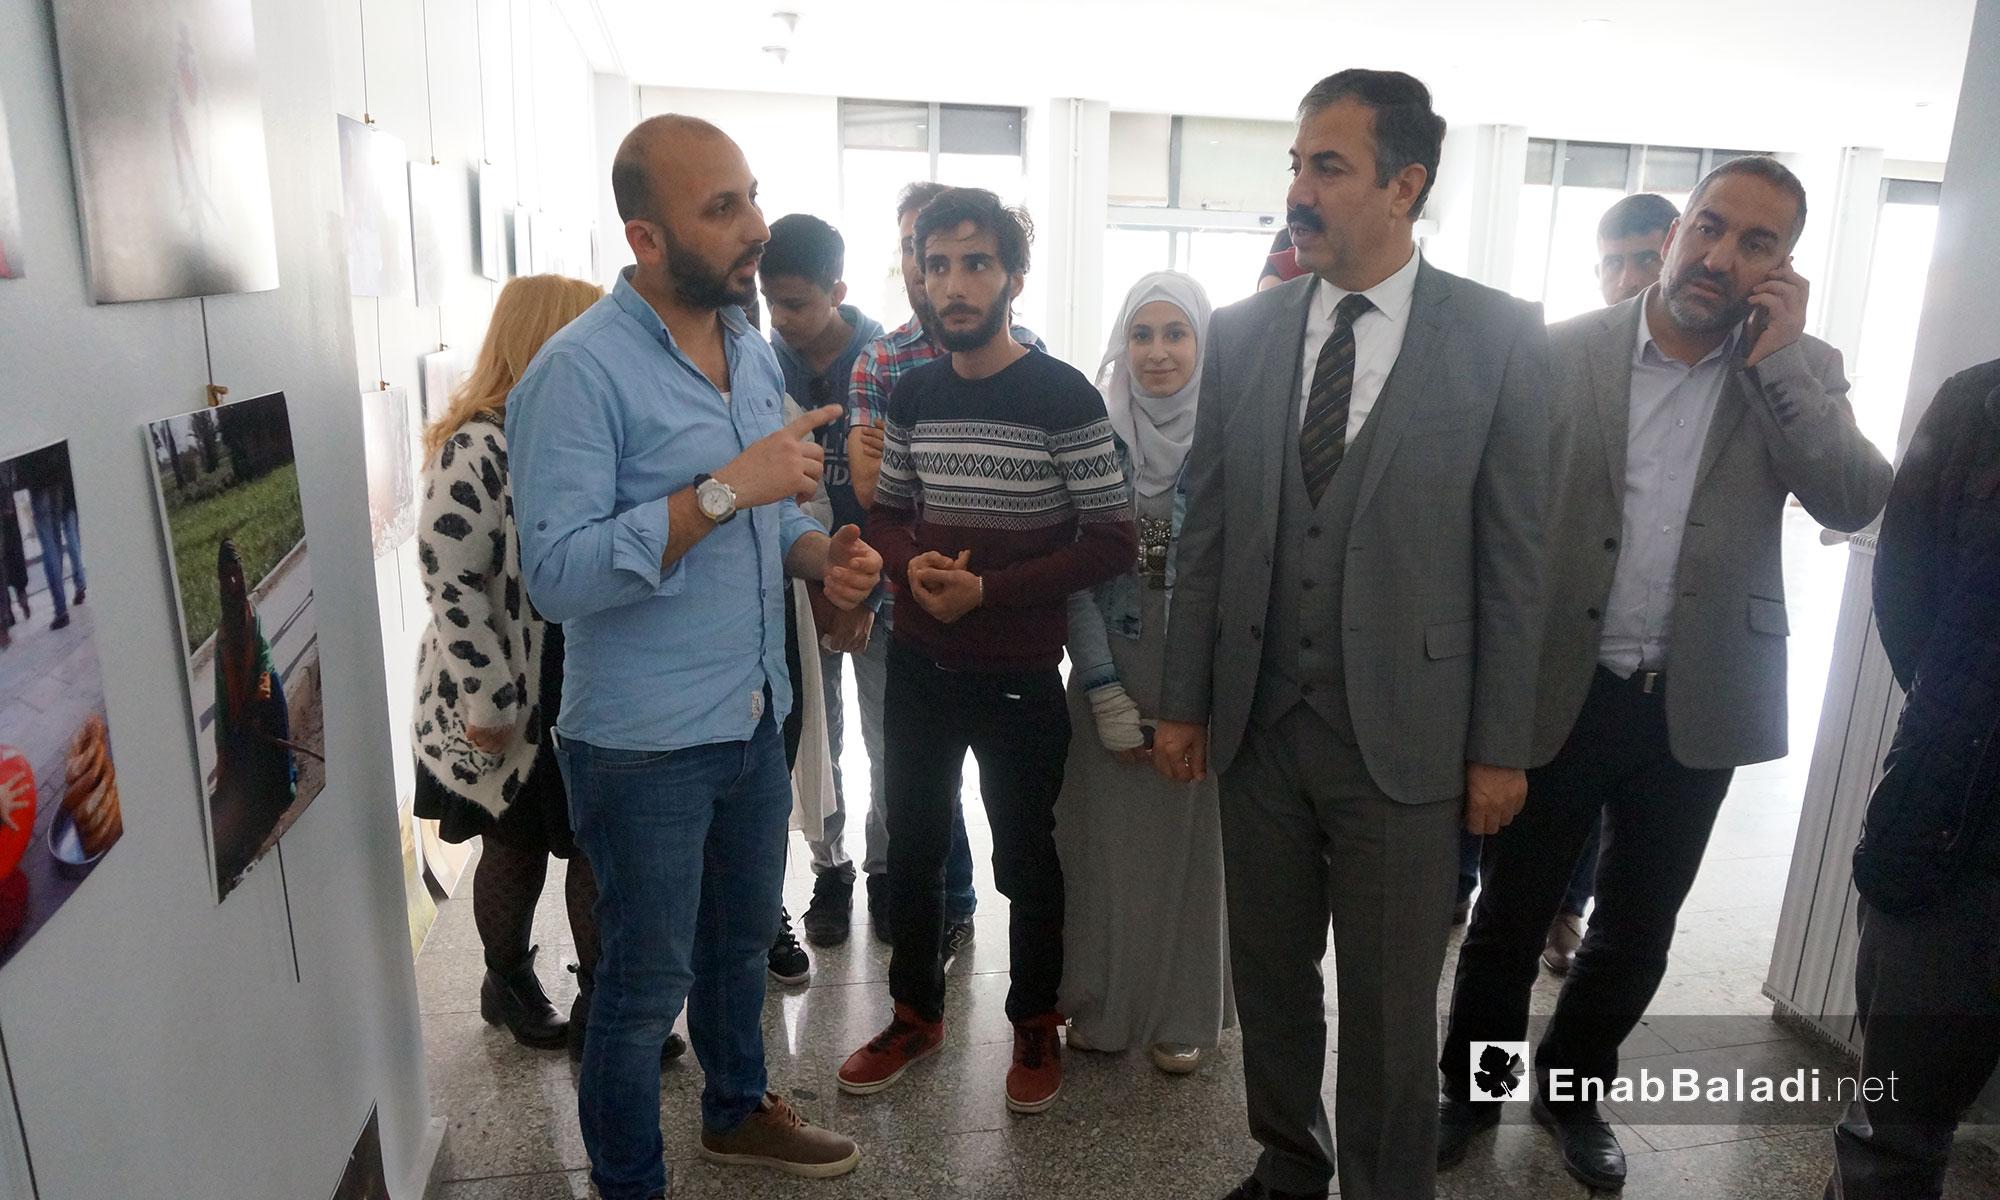 معرض فني بعدسة شباب سوريين يبرز جوانب حياة السوريين في مدينة أورفا التركية - آذار 2018 (عنب بلدي)